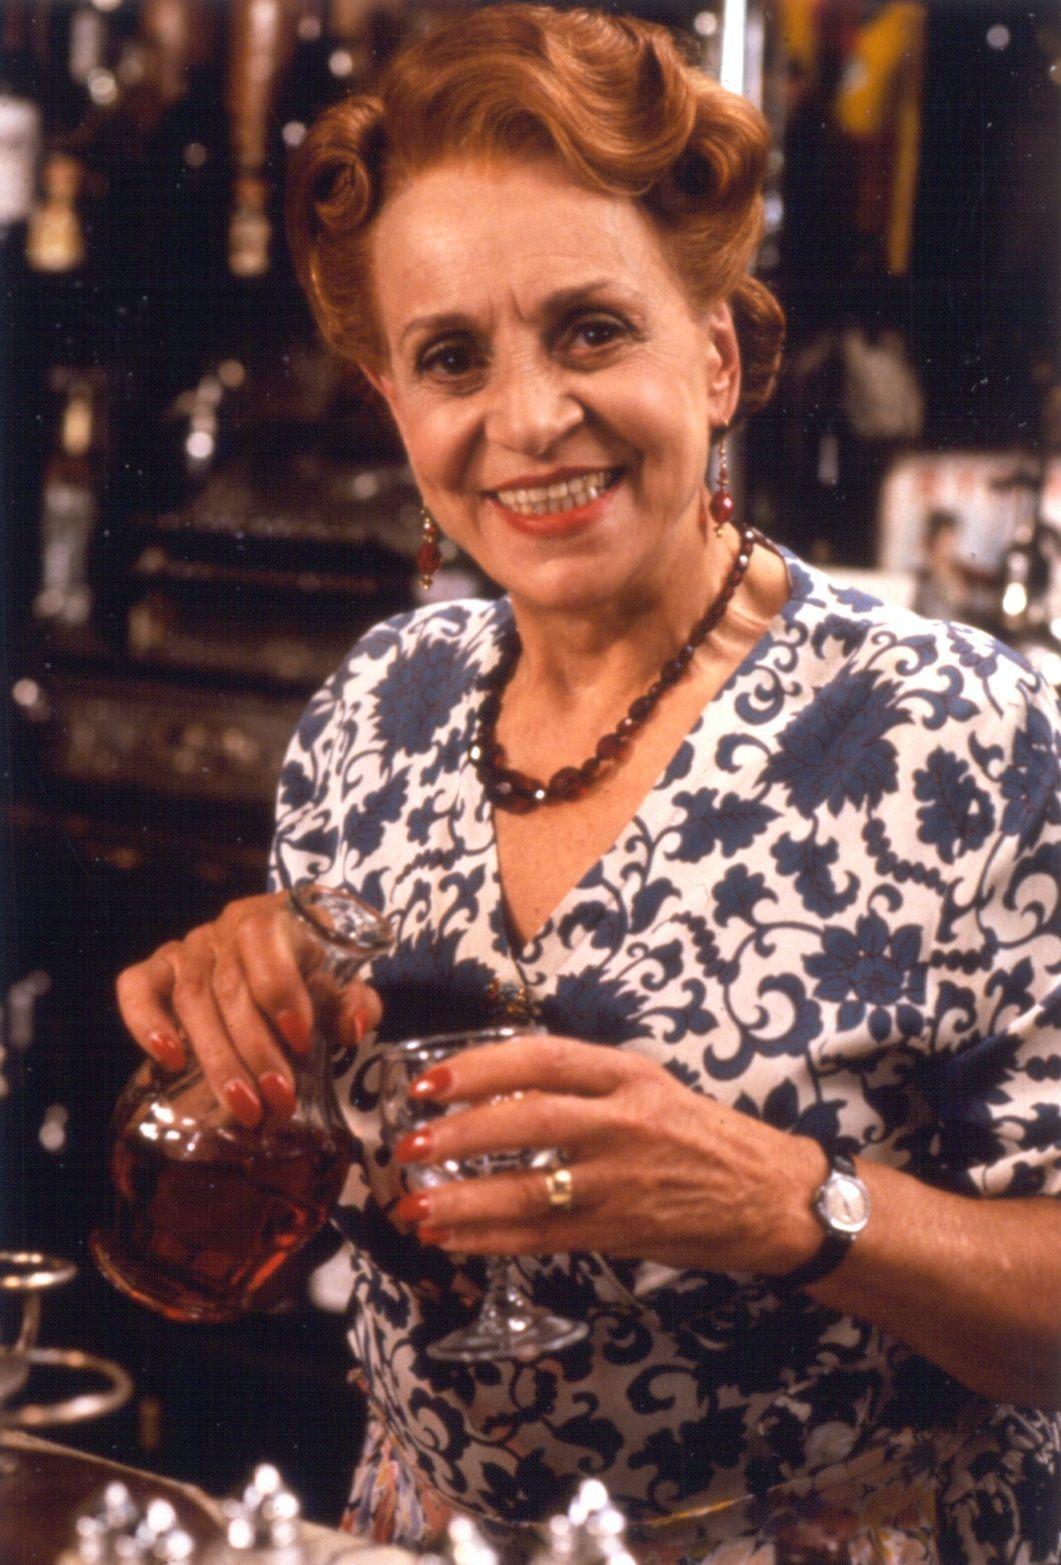 http://images2.fanpop.com/image/photos/8900000/Edith-allo-allo-bbc-sitcom-8985763-1061-1565.jpg